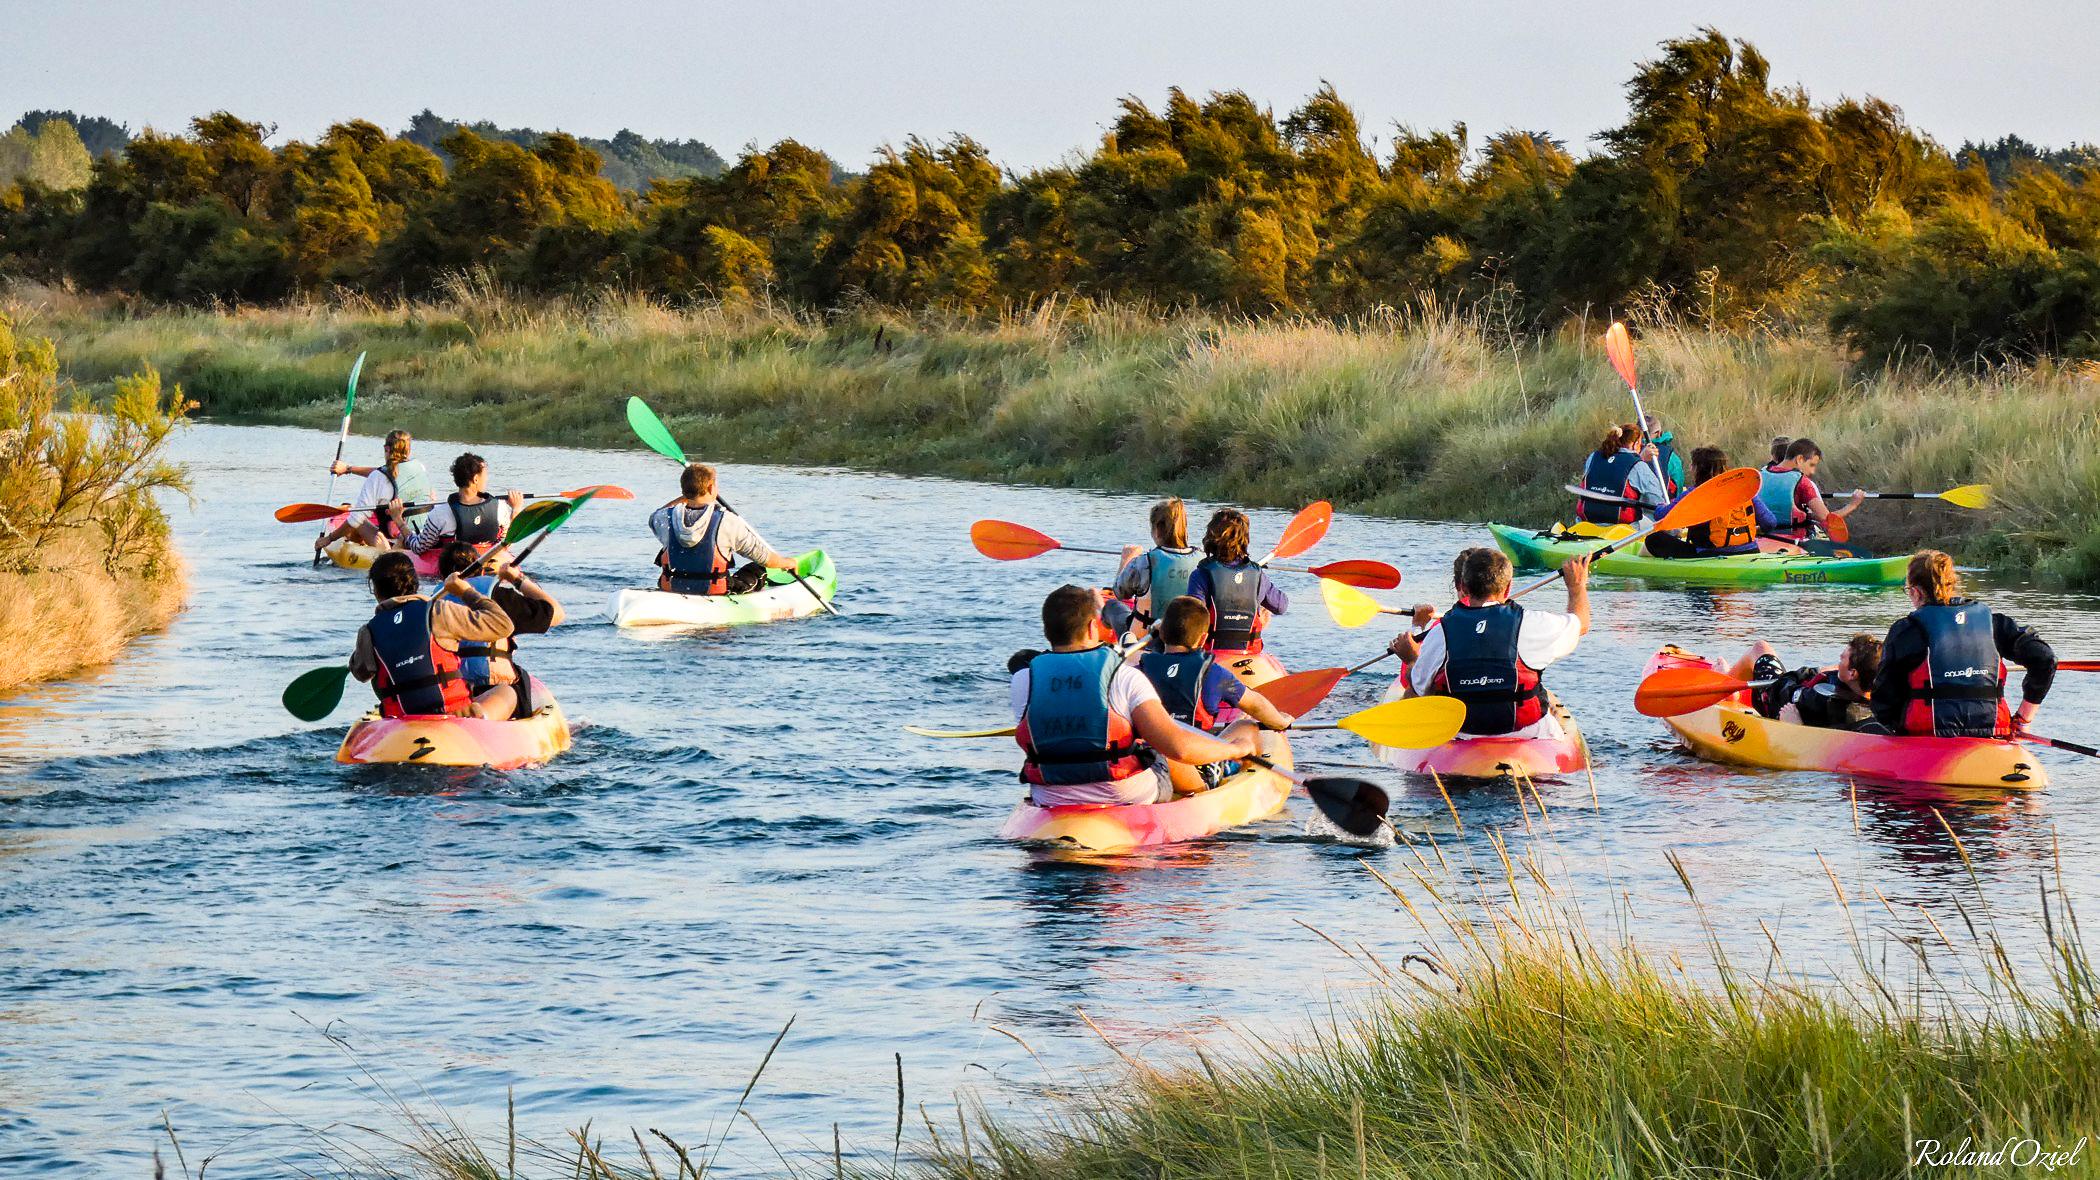 Canoe au coeur des marais de l'Ile d'Olonne une activité nautique praticable en Vendée